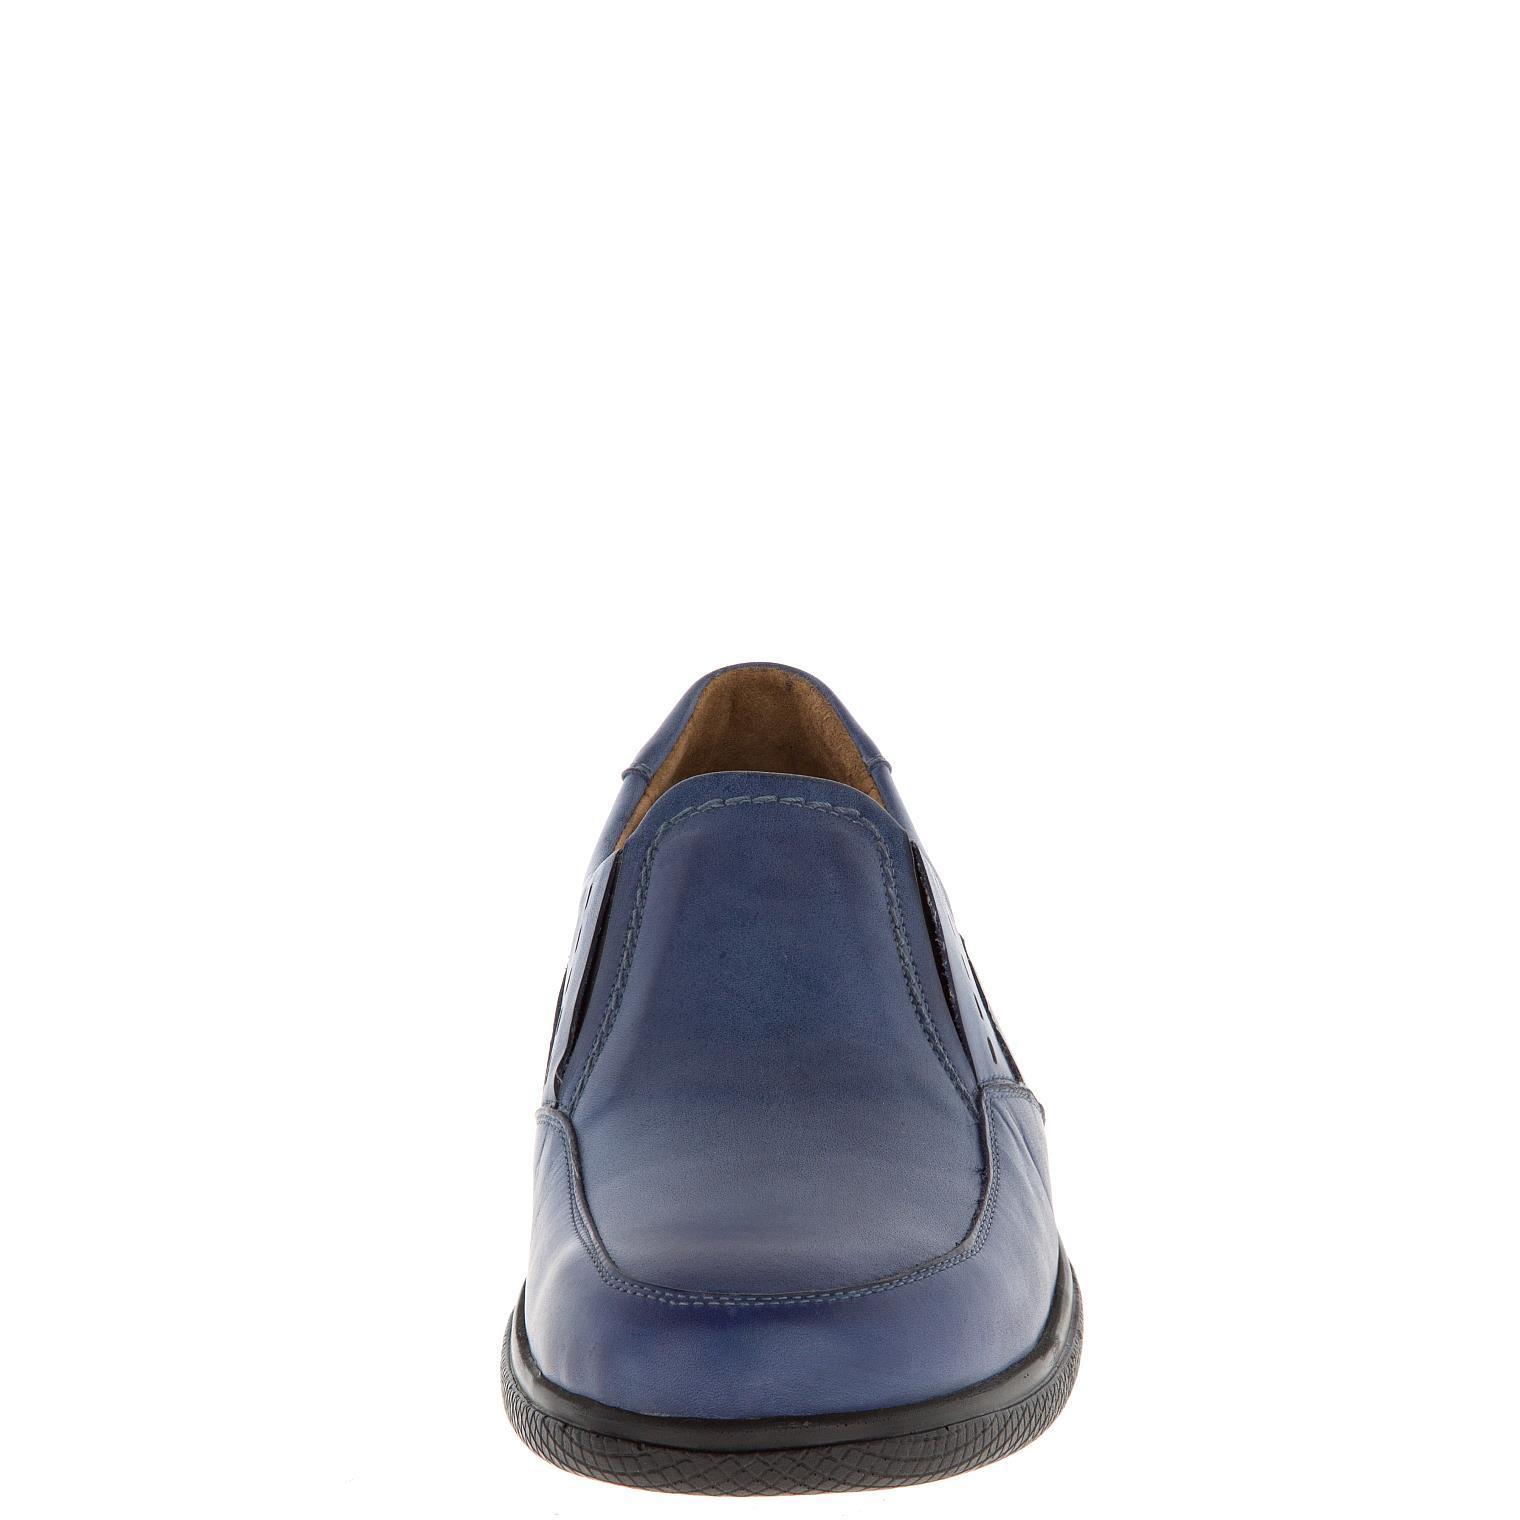 582367 полуботинки мужские синие больших размеров марки Делфино